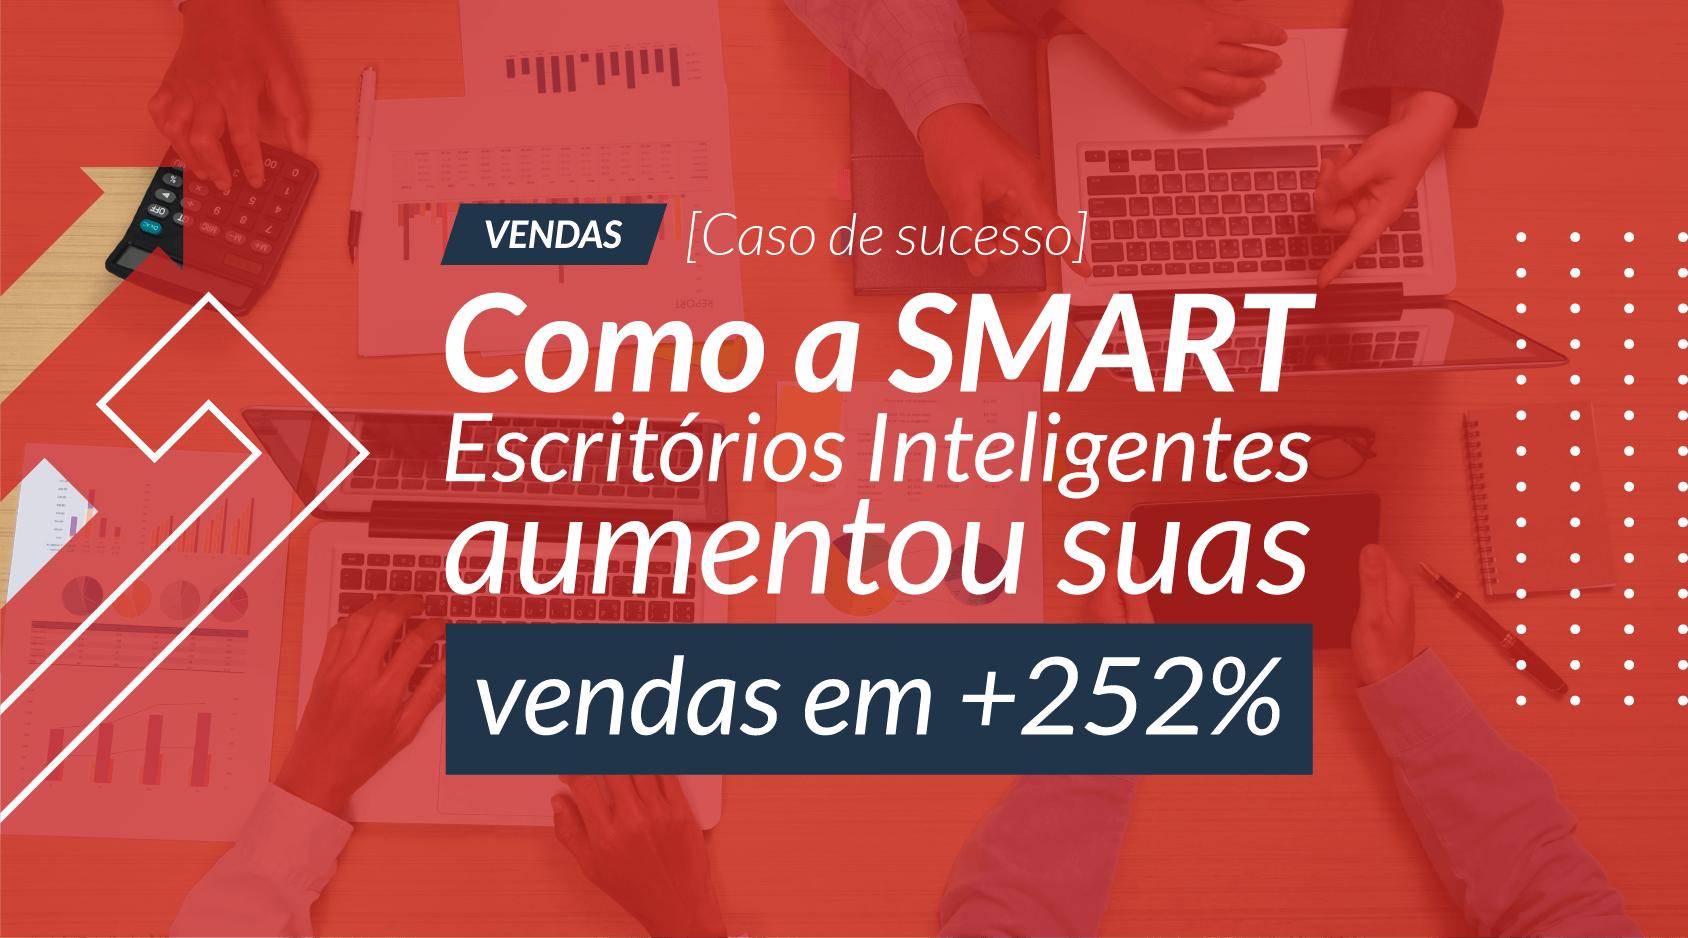 [Caso de Sucesso] Como a SMART Escritórios Inteligentes aumentou suas vendas em +252%